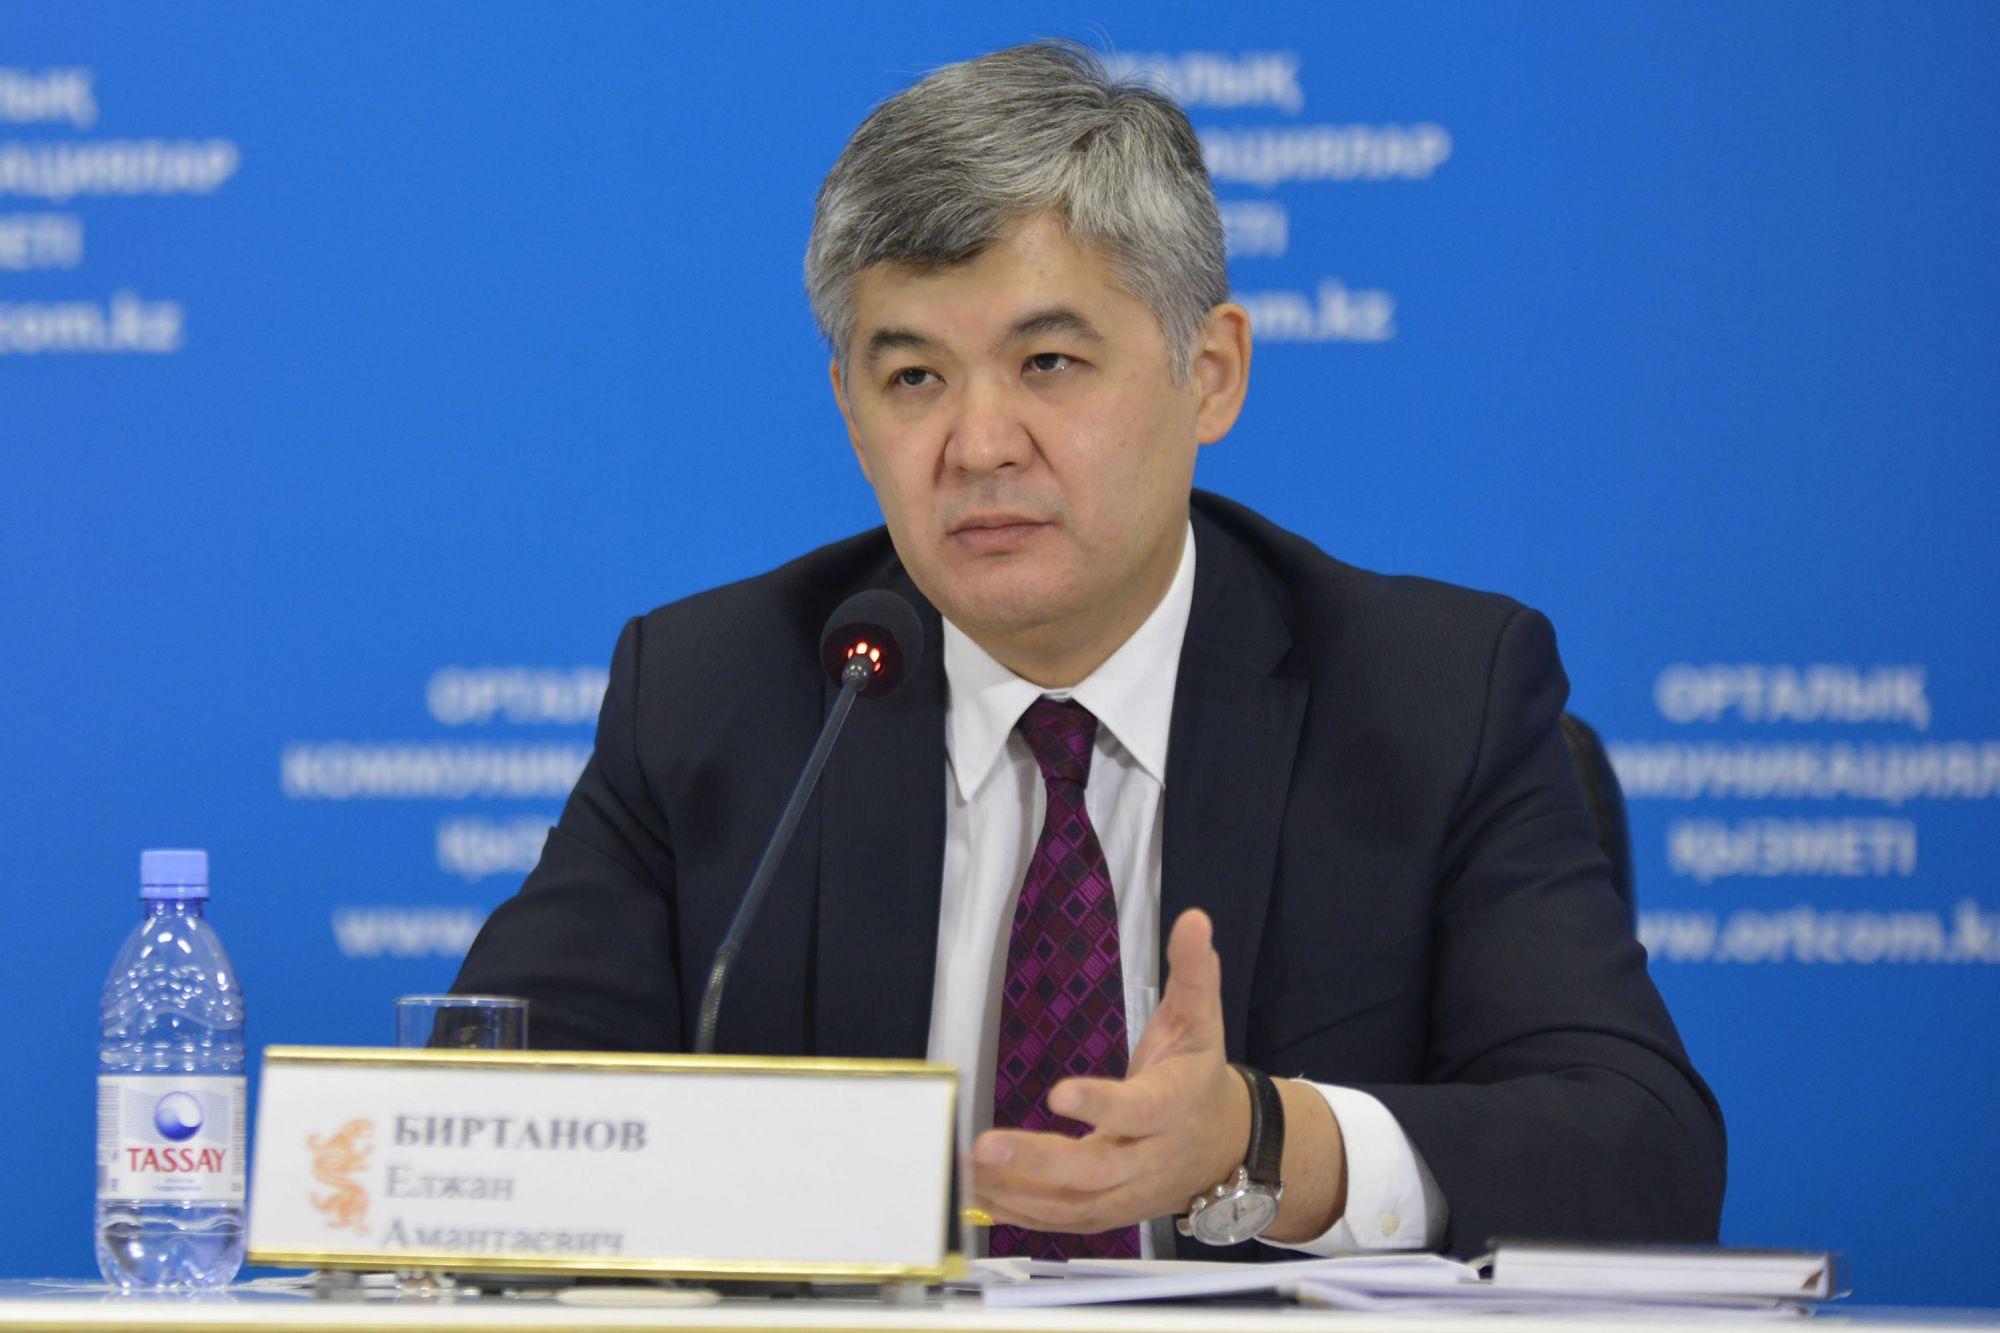 Биртанов выступает за гуманизацию законодательства в отношении врачей